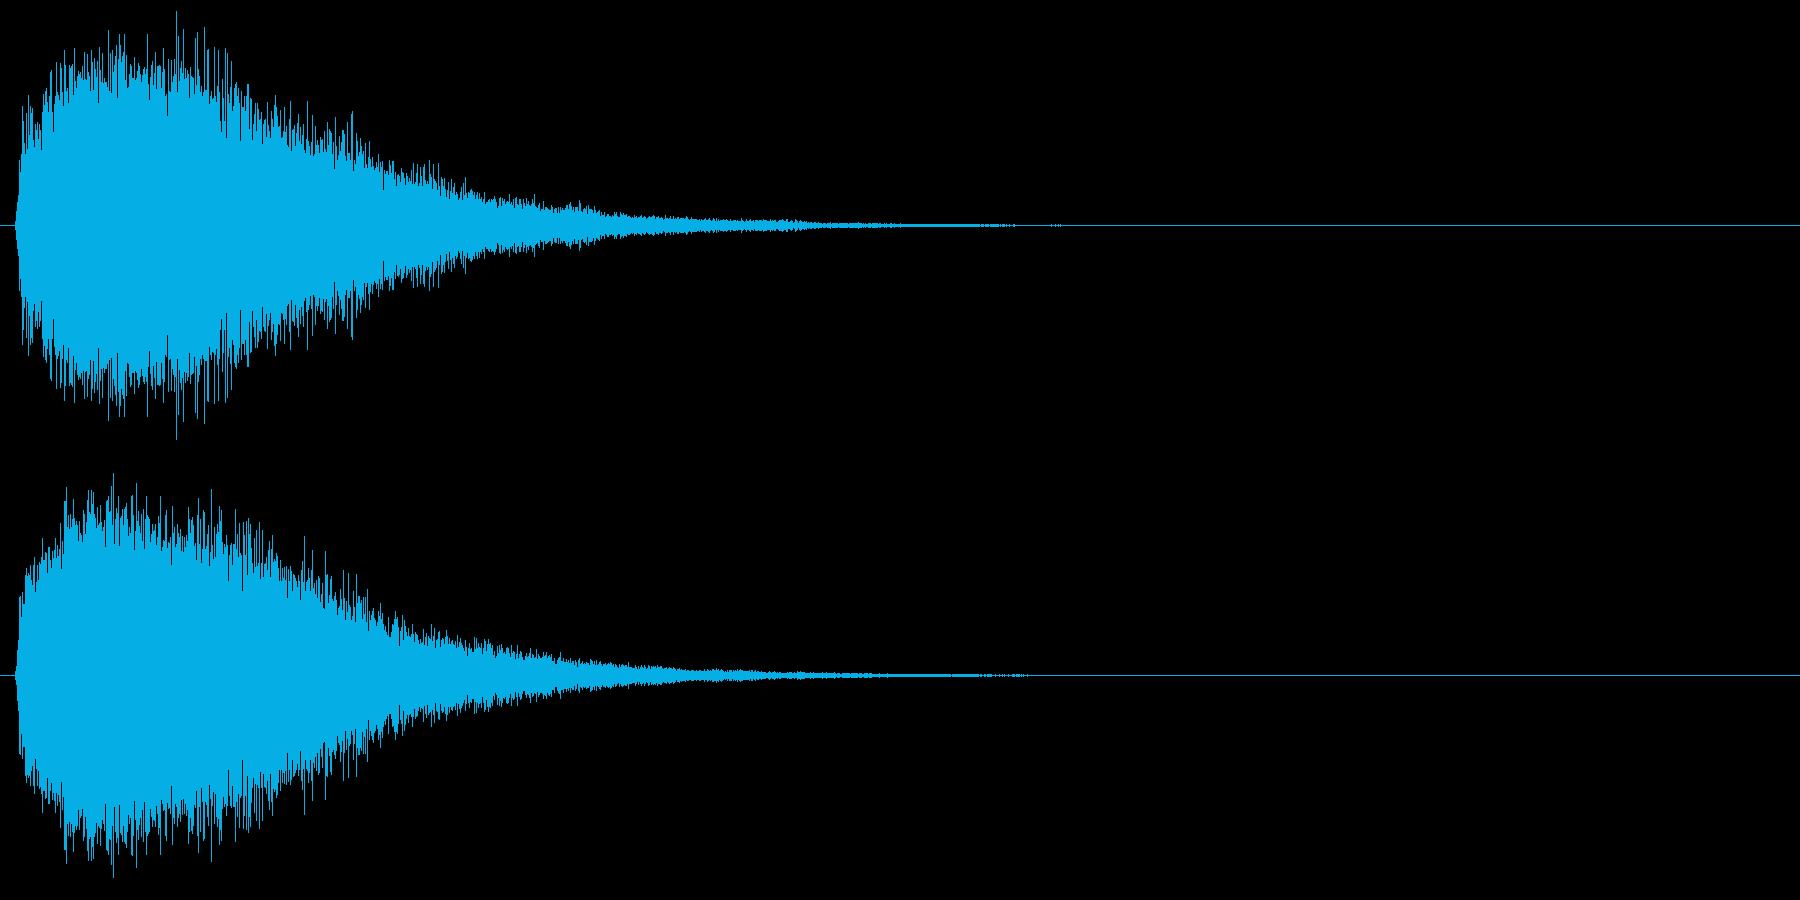 魔法・ポジティブ系キラキラ2の再生済みの波形